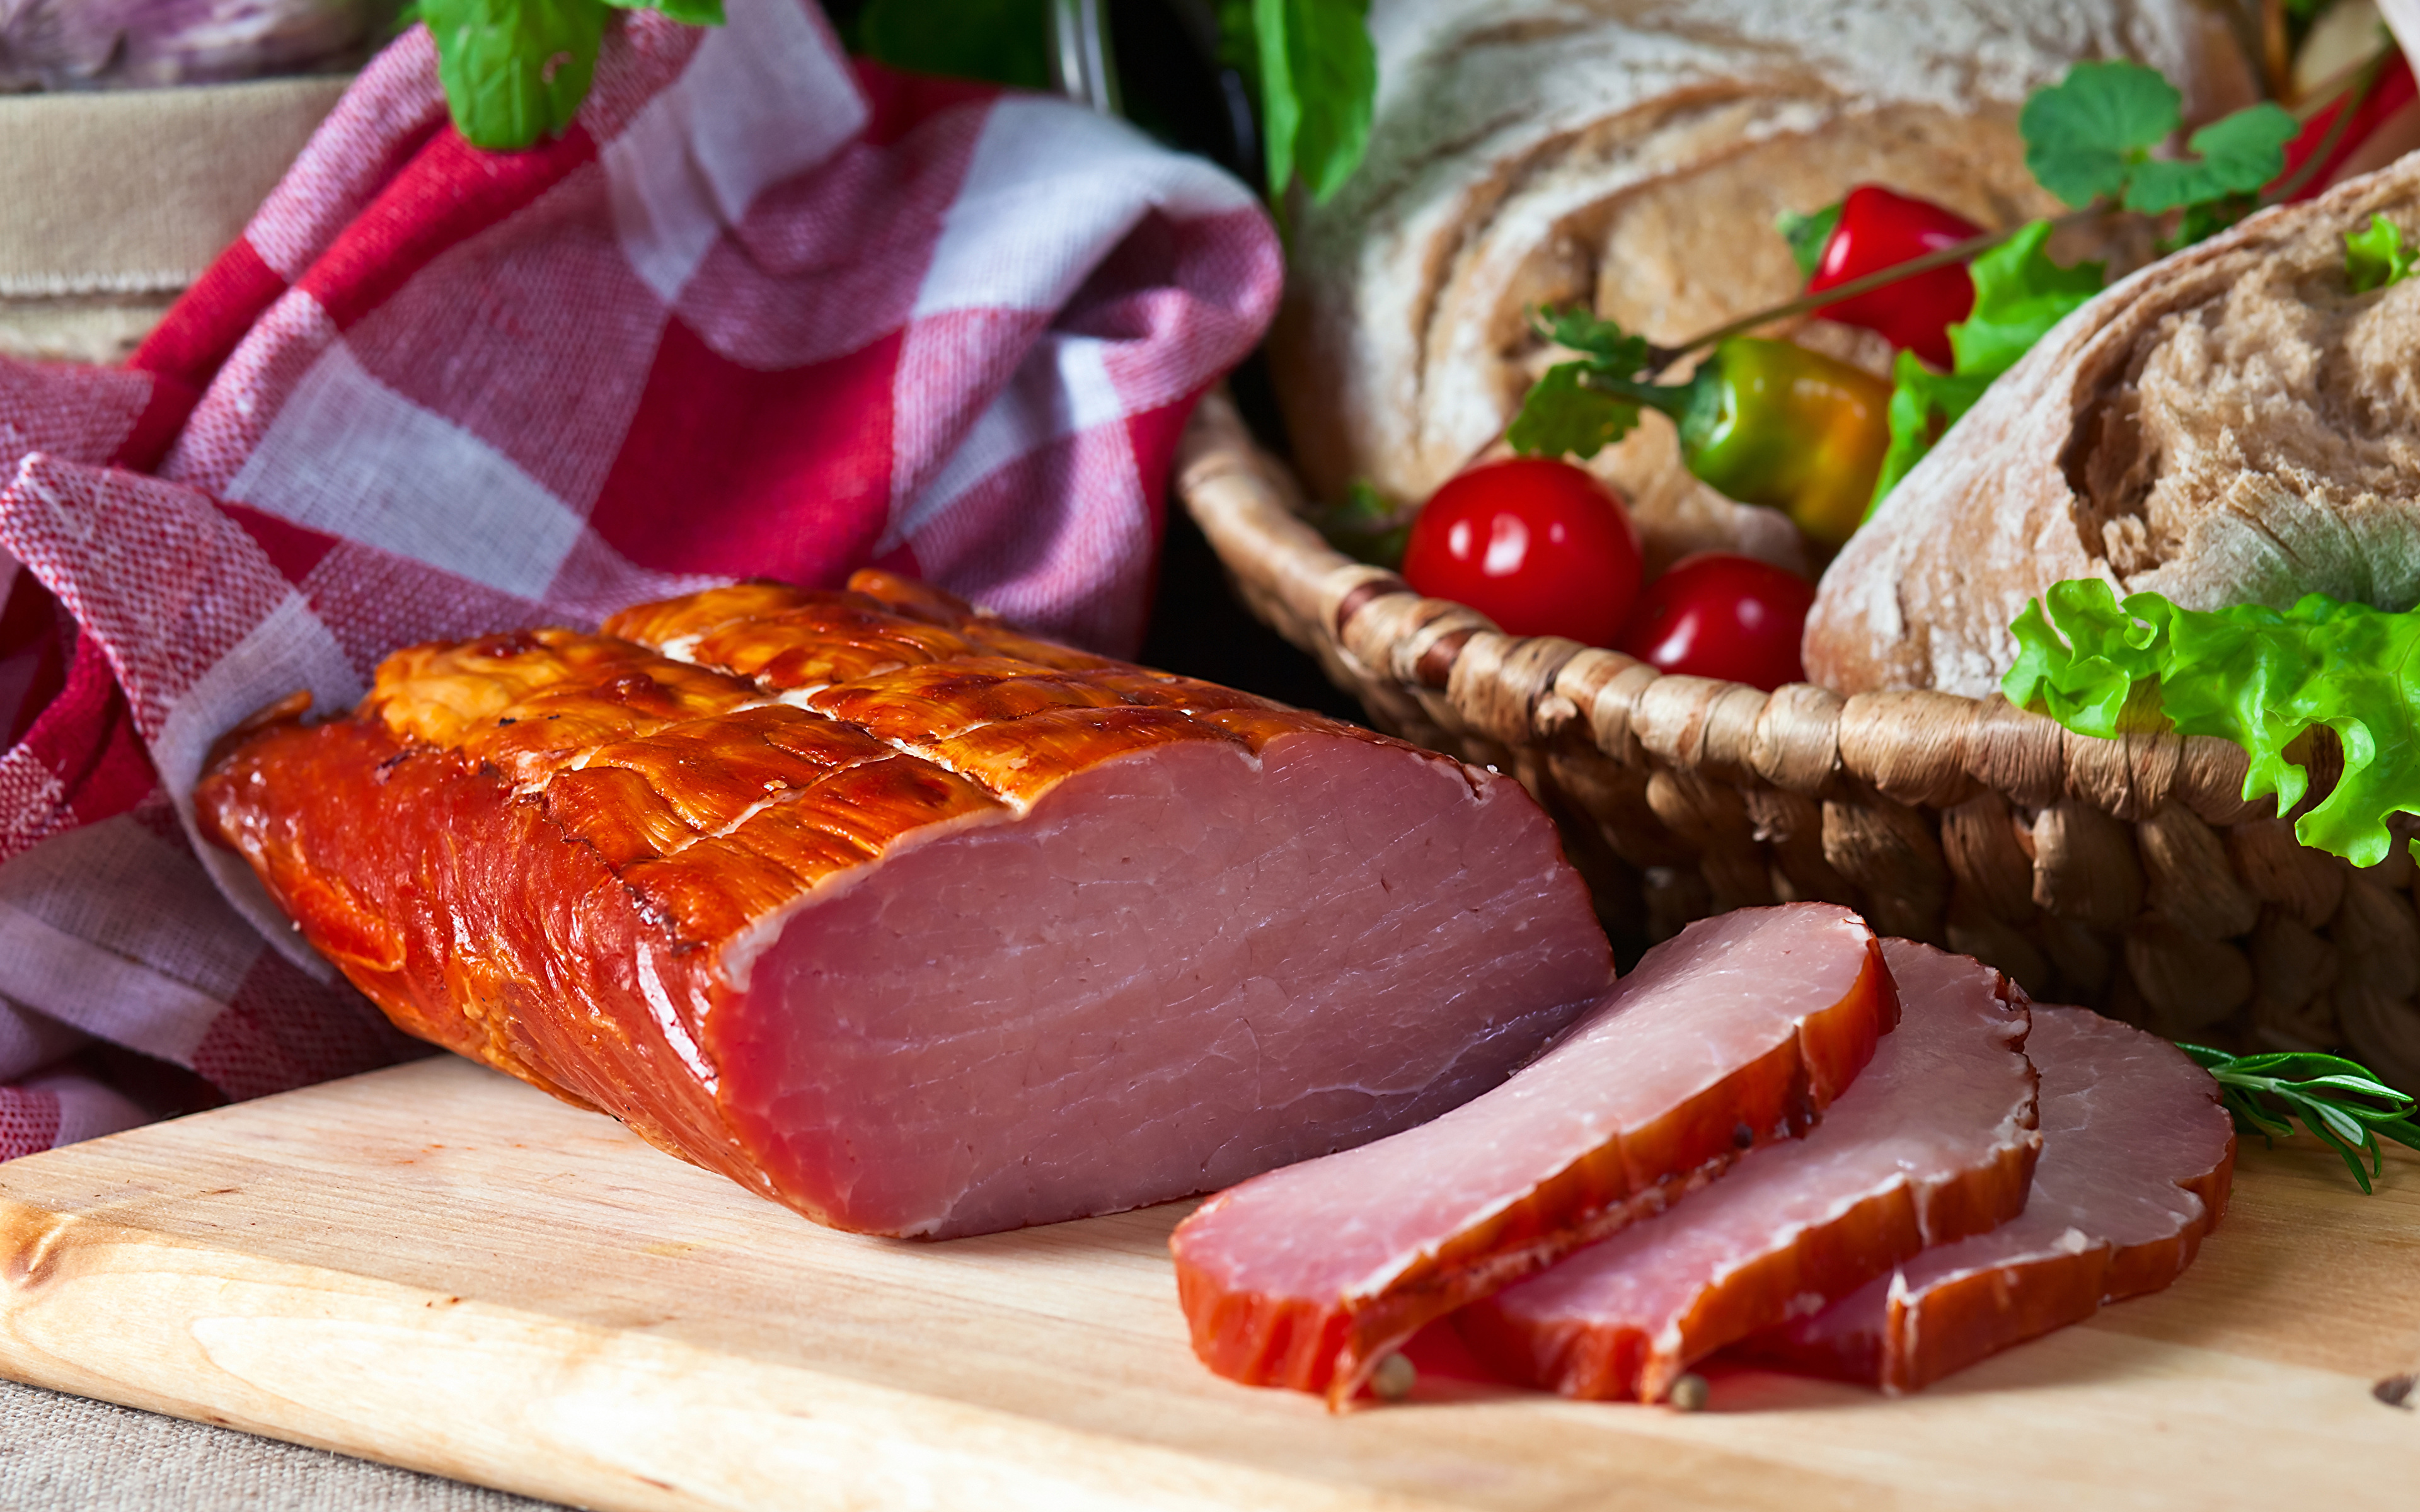 Картинки Ветчина Пища Разделочная доска Мясные продукты 3840x2400 Еда Продукты питания разделочной доске